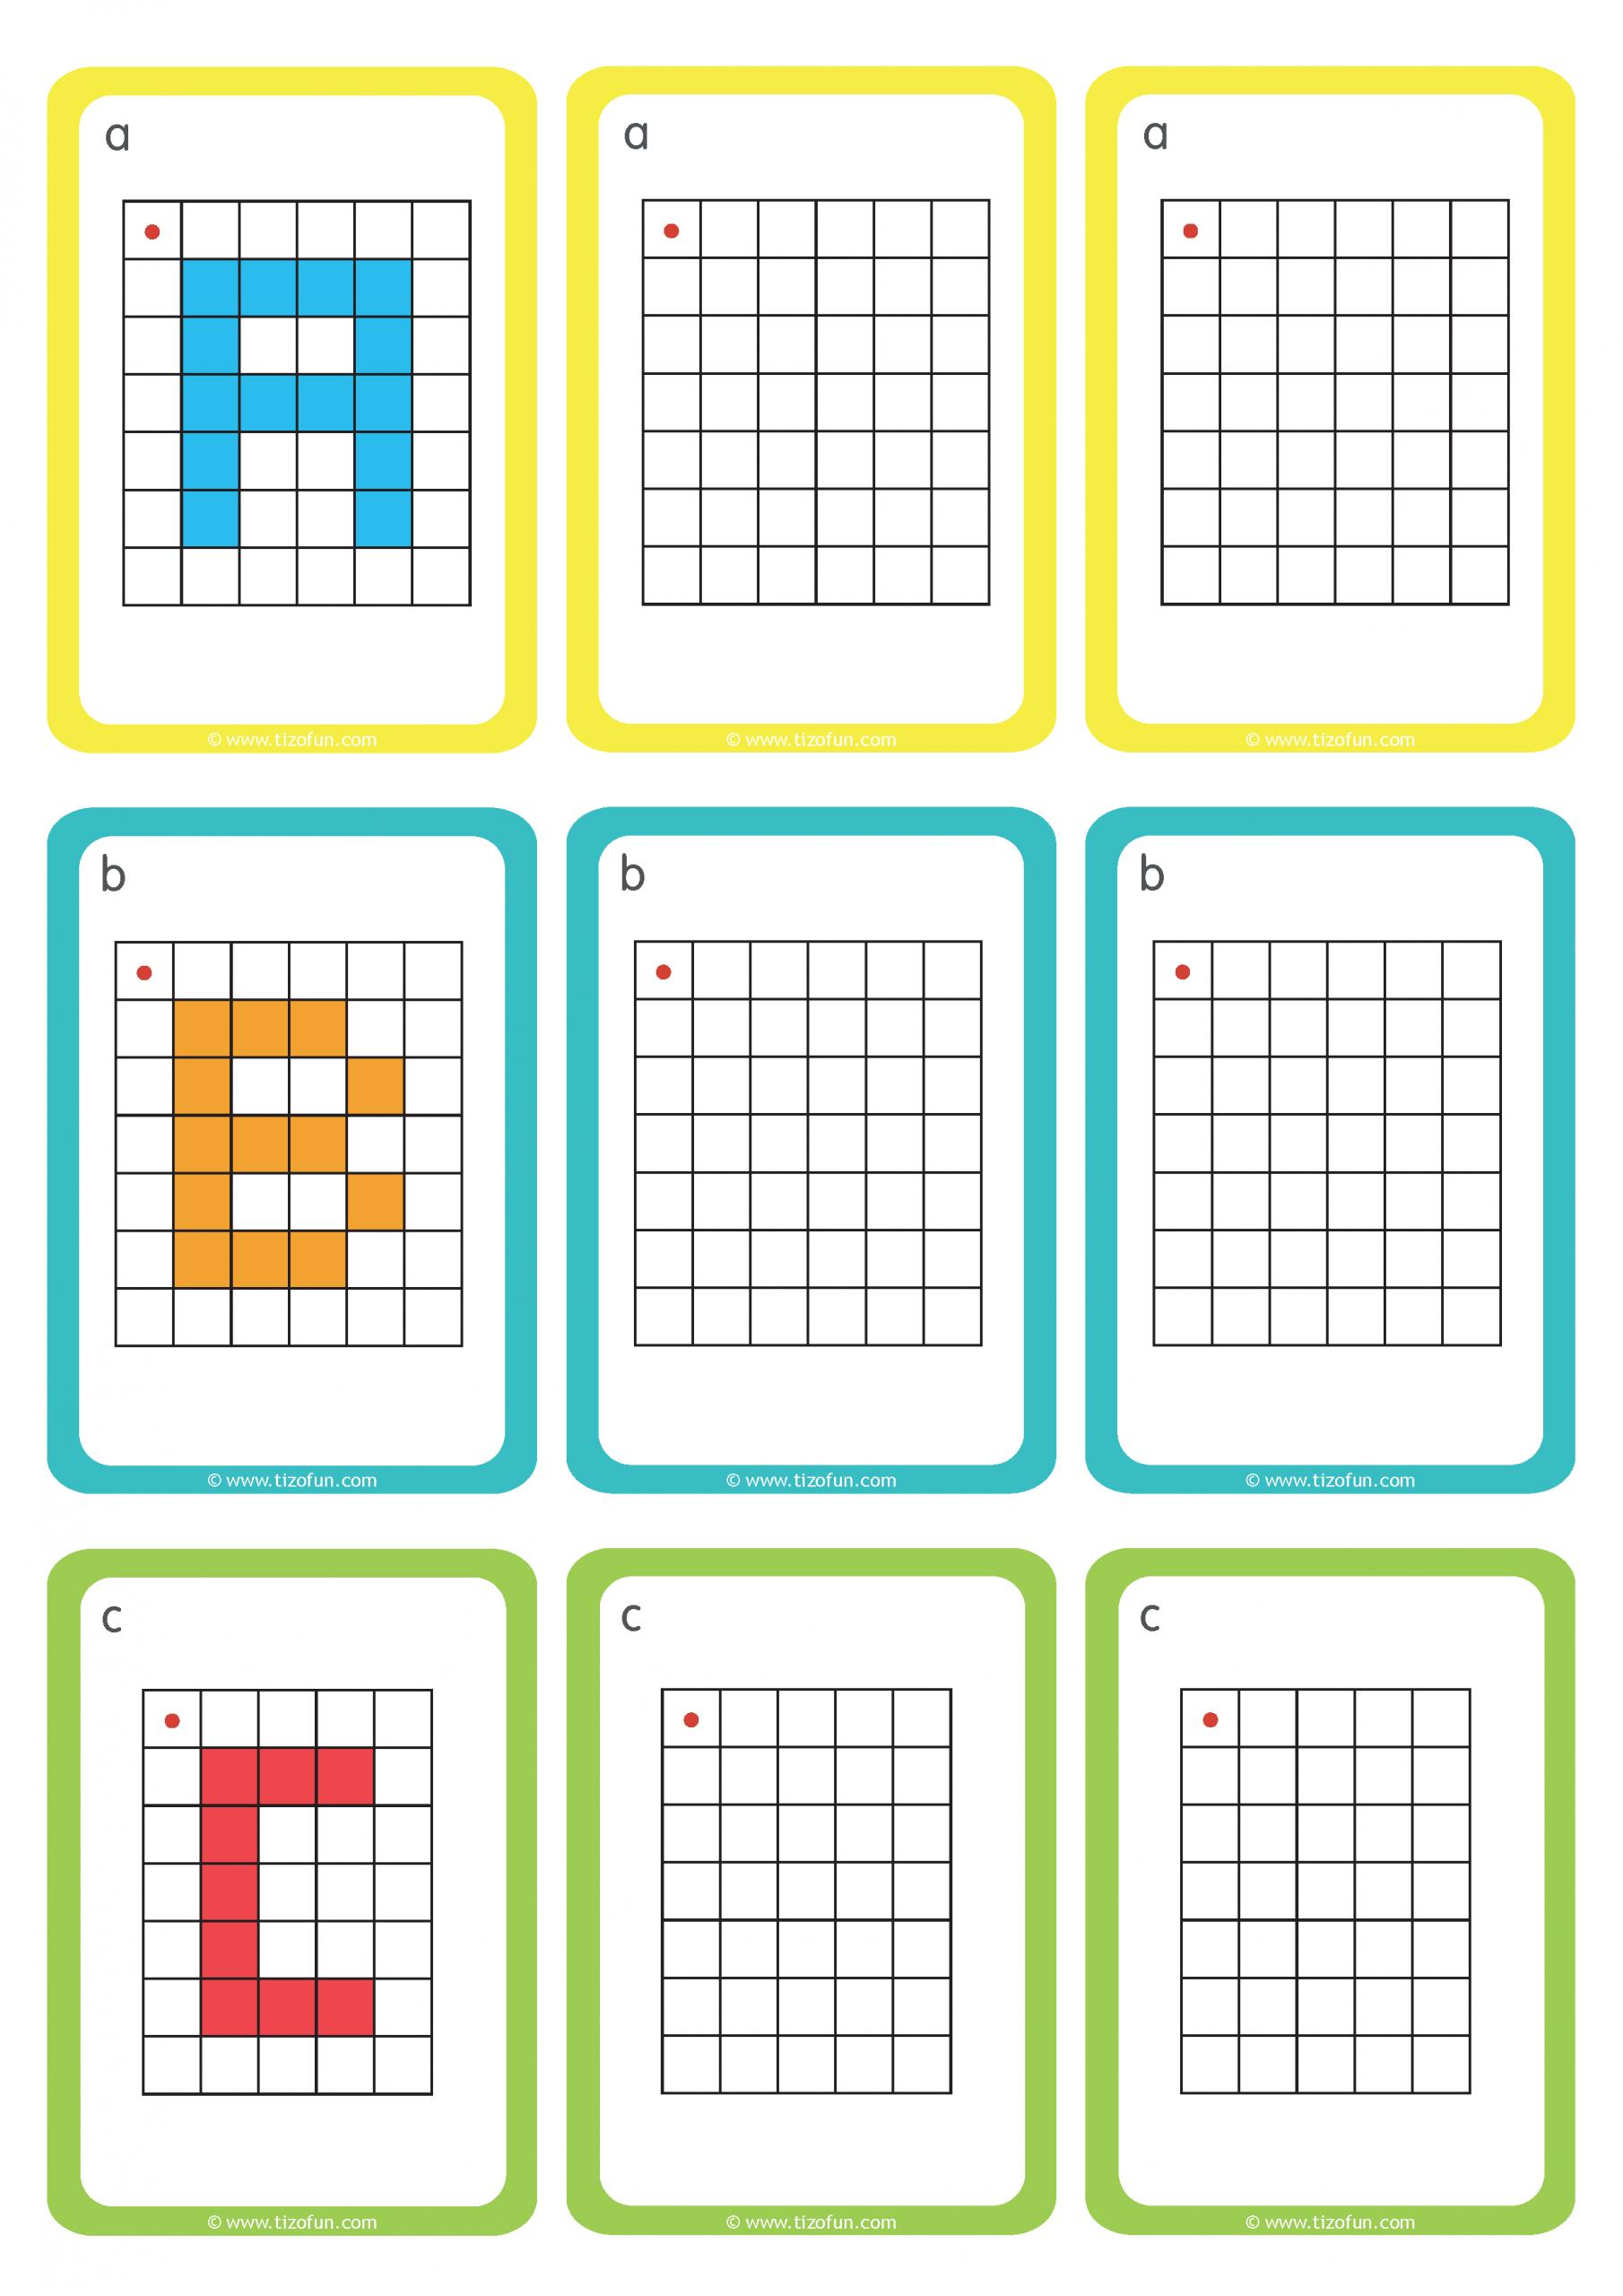 Maths-Deplacement-Dans-Un-Quadrillage-Reproduire-Les-Lettres pour Repérage Quadrillage Gs